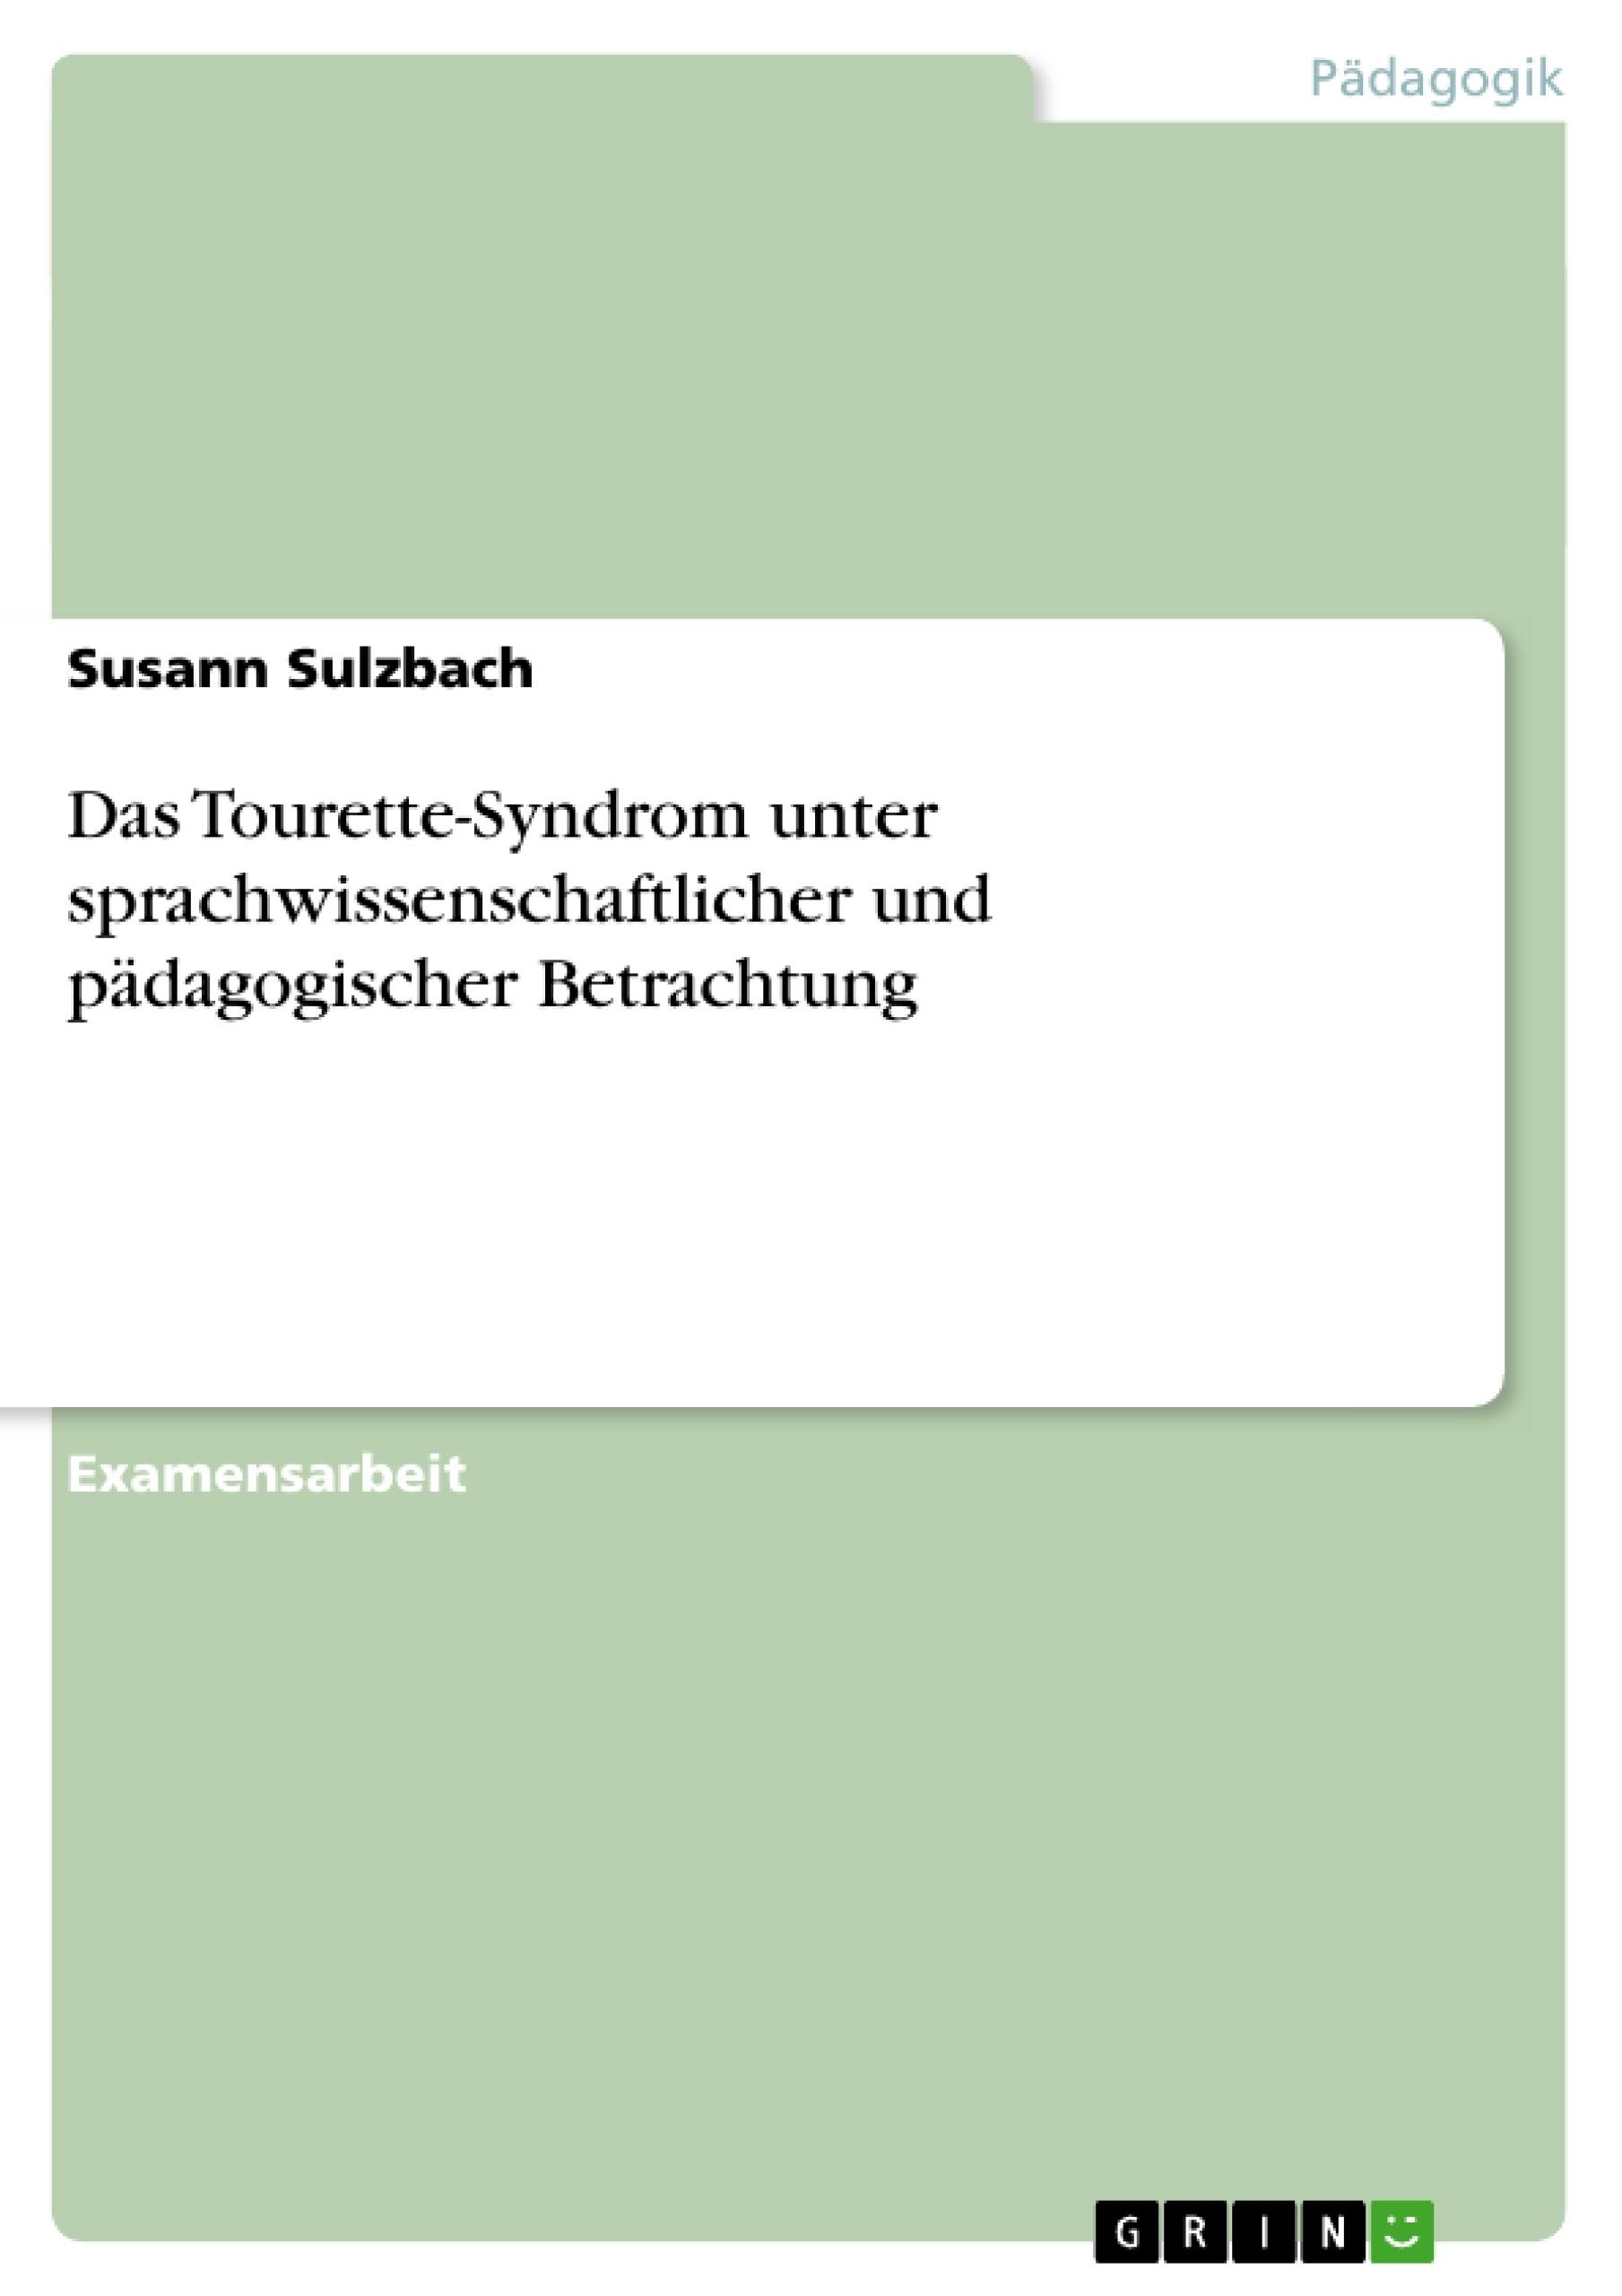 Titel: Das Tourette-Syndrom unter sprachwissenschaftlicher und pädagogischer Betrachtung